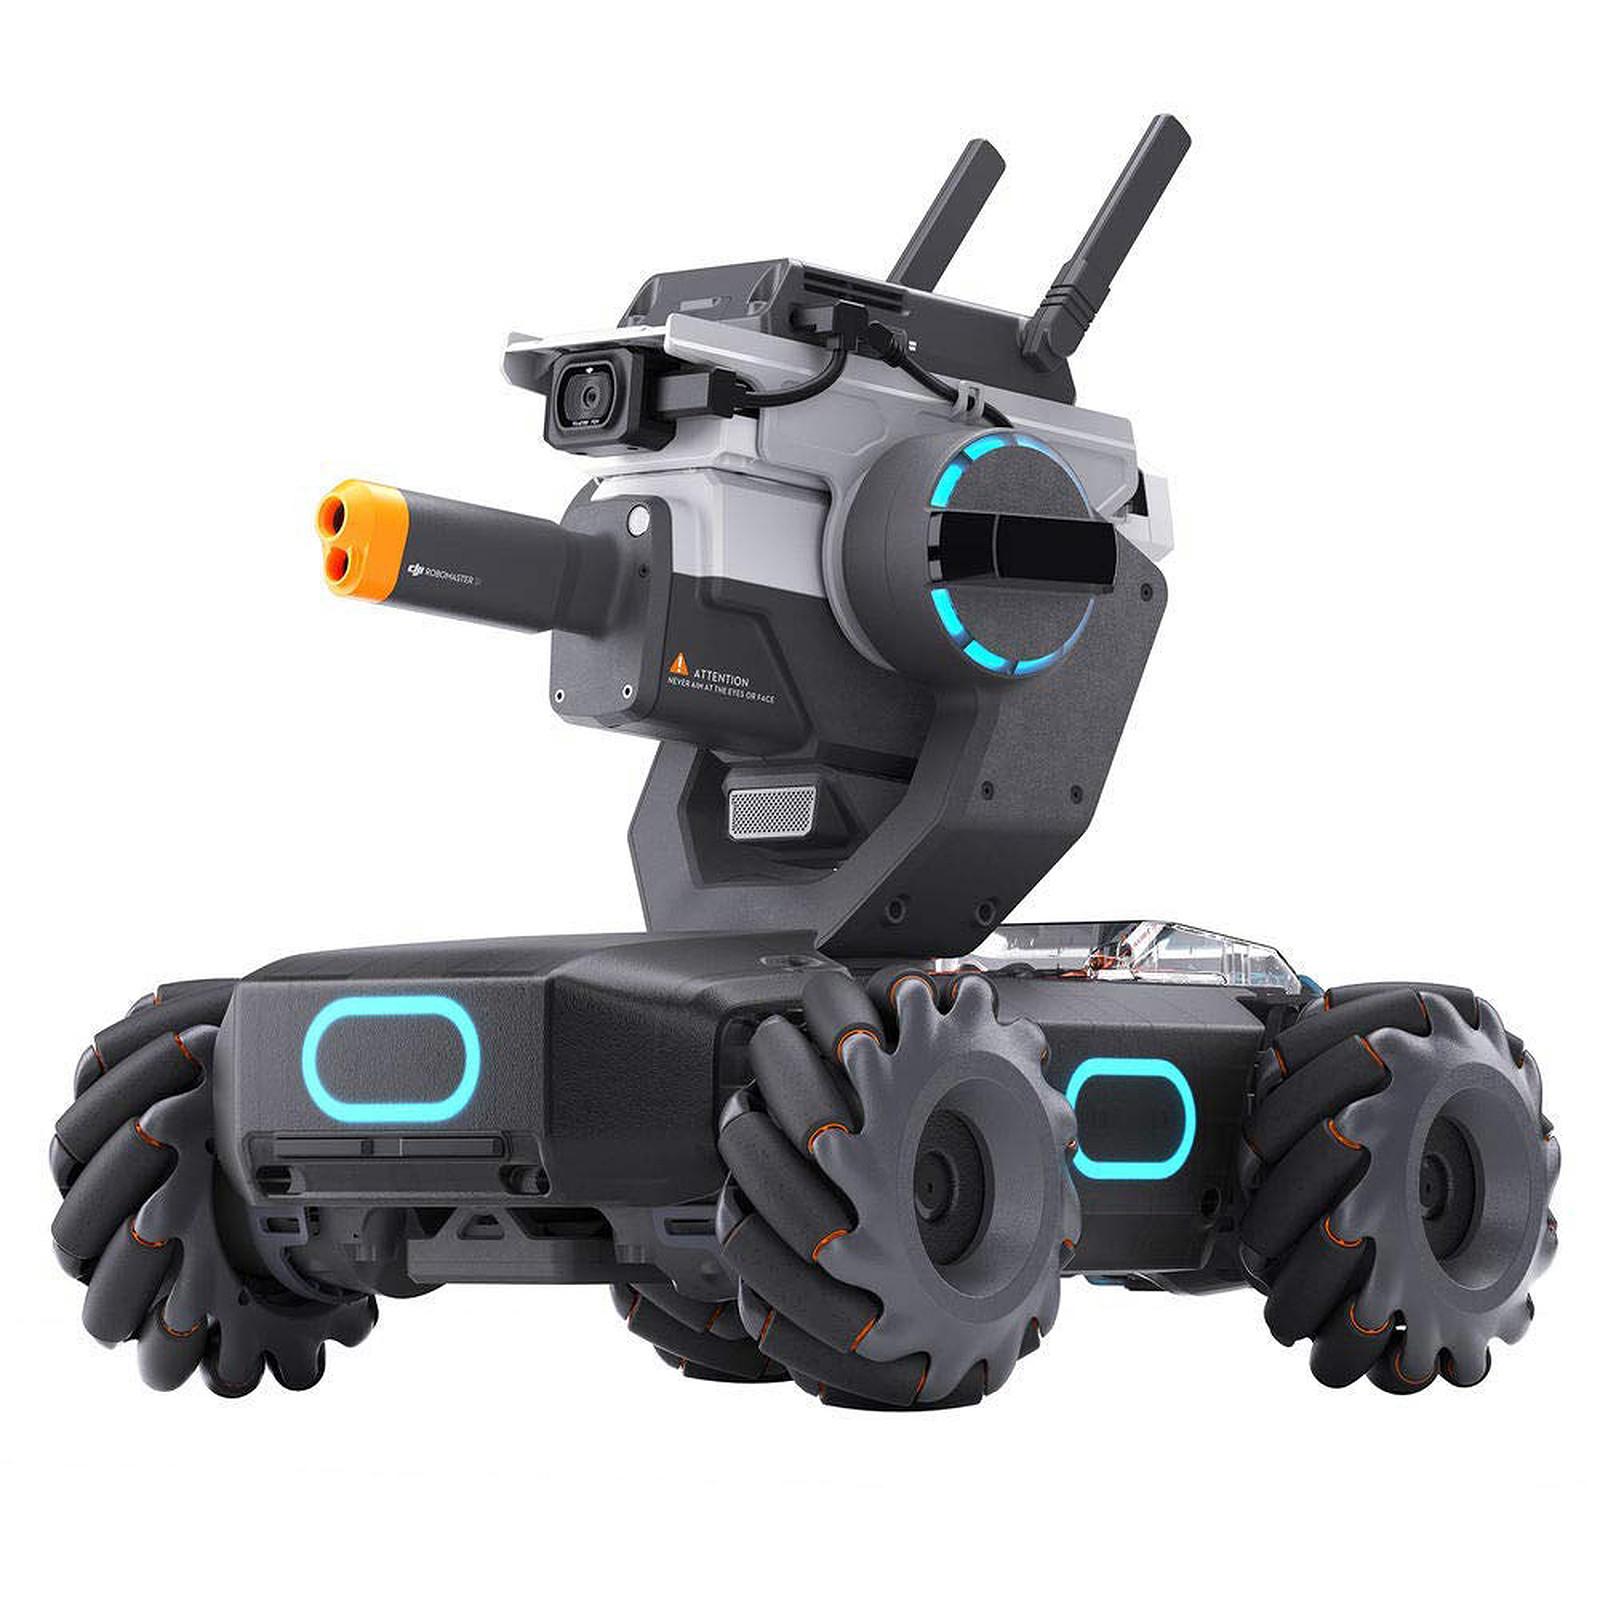 Robot éducatif DJI RobotMaster S1